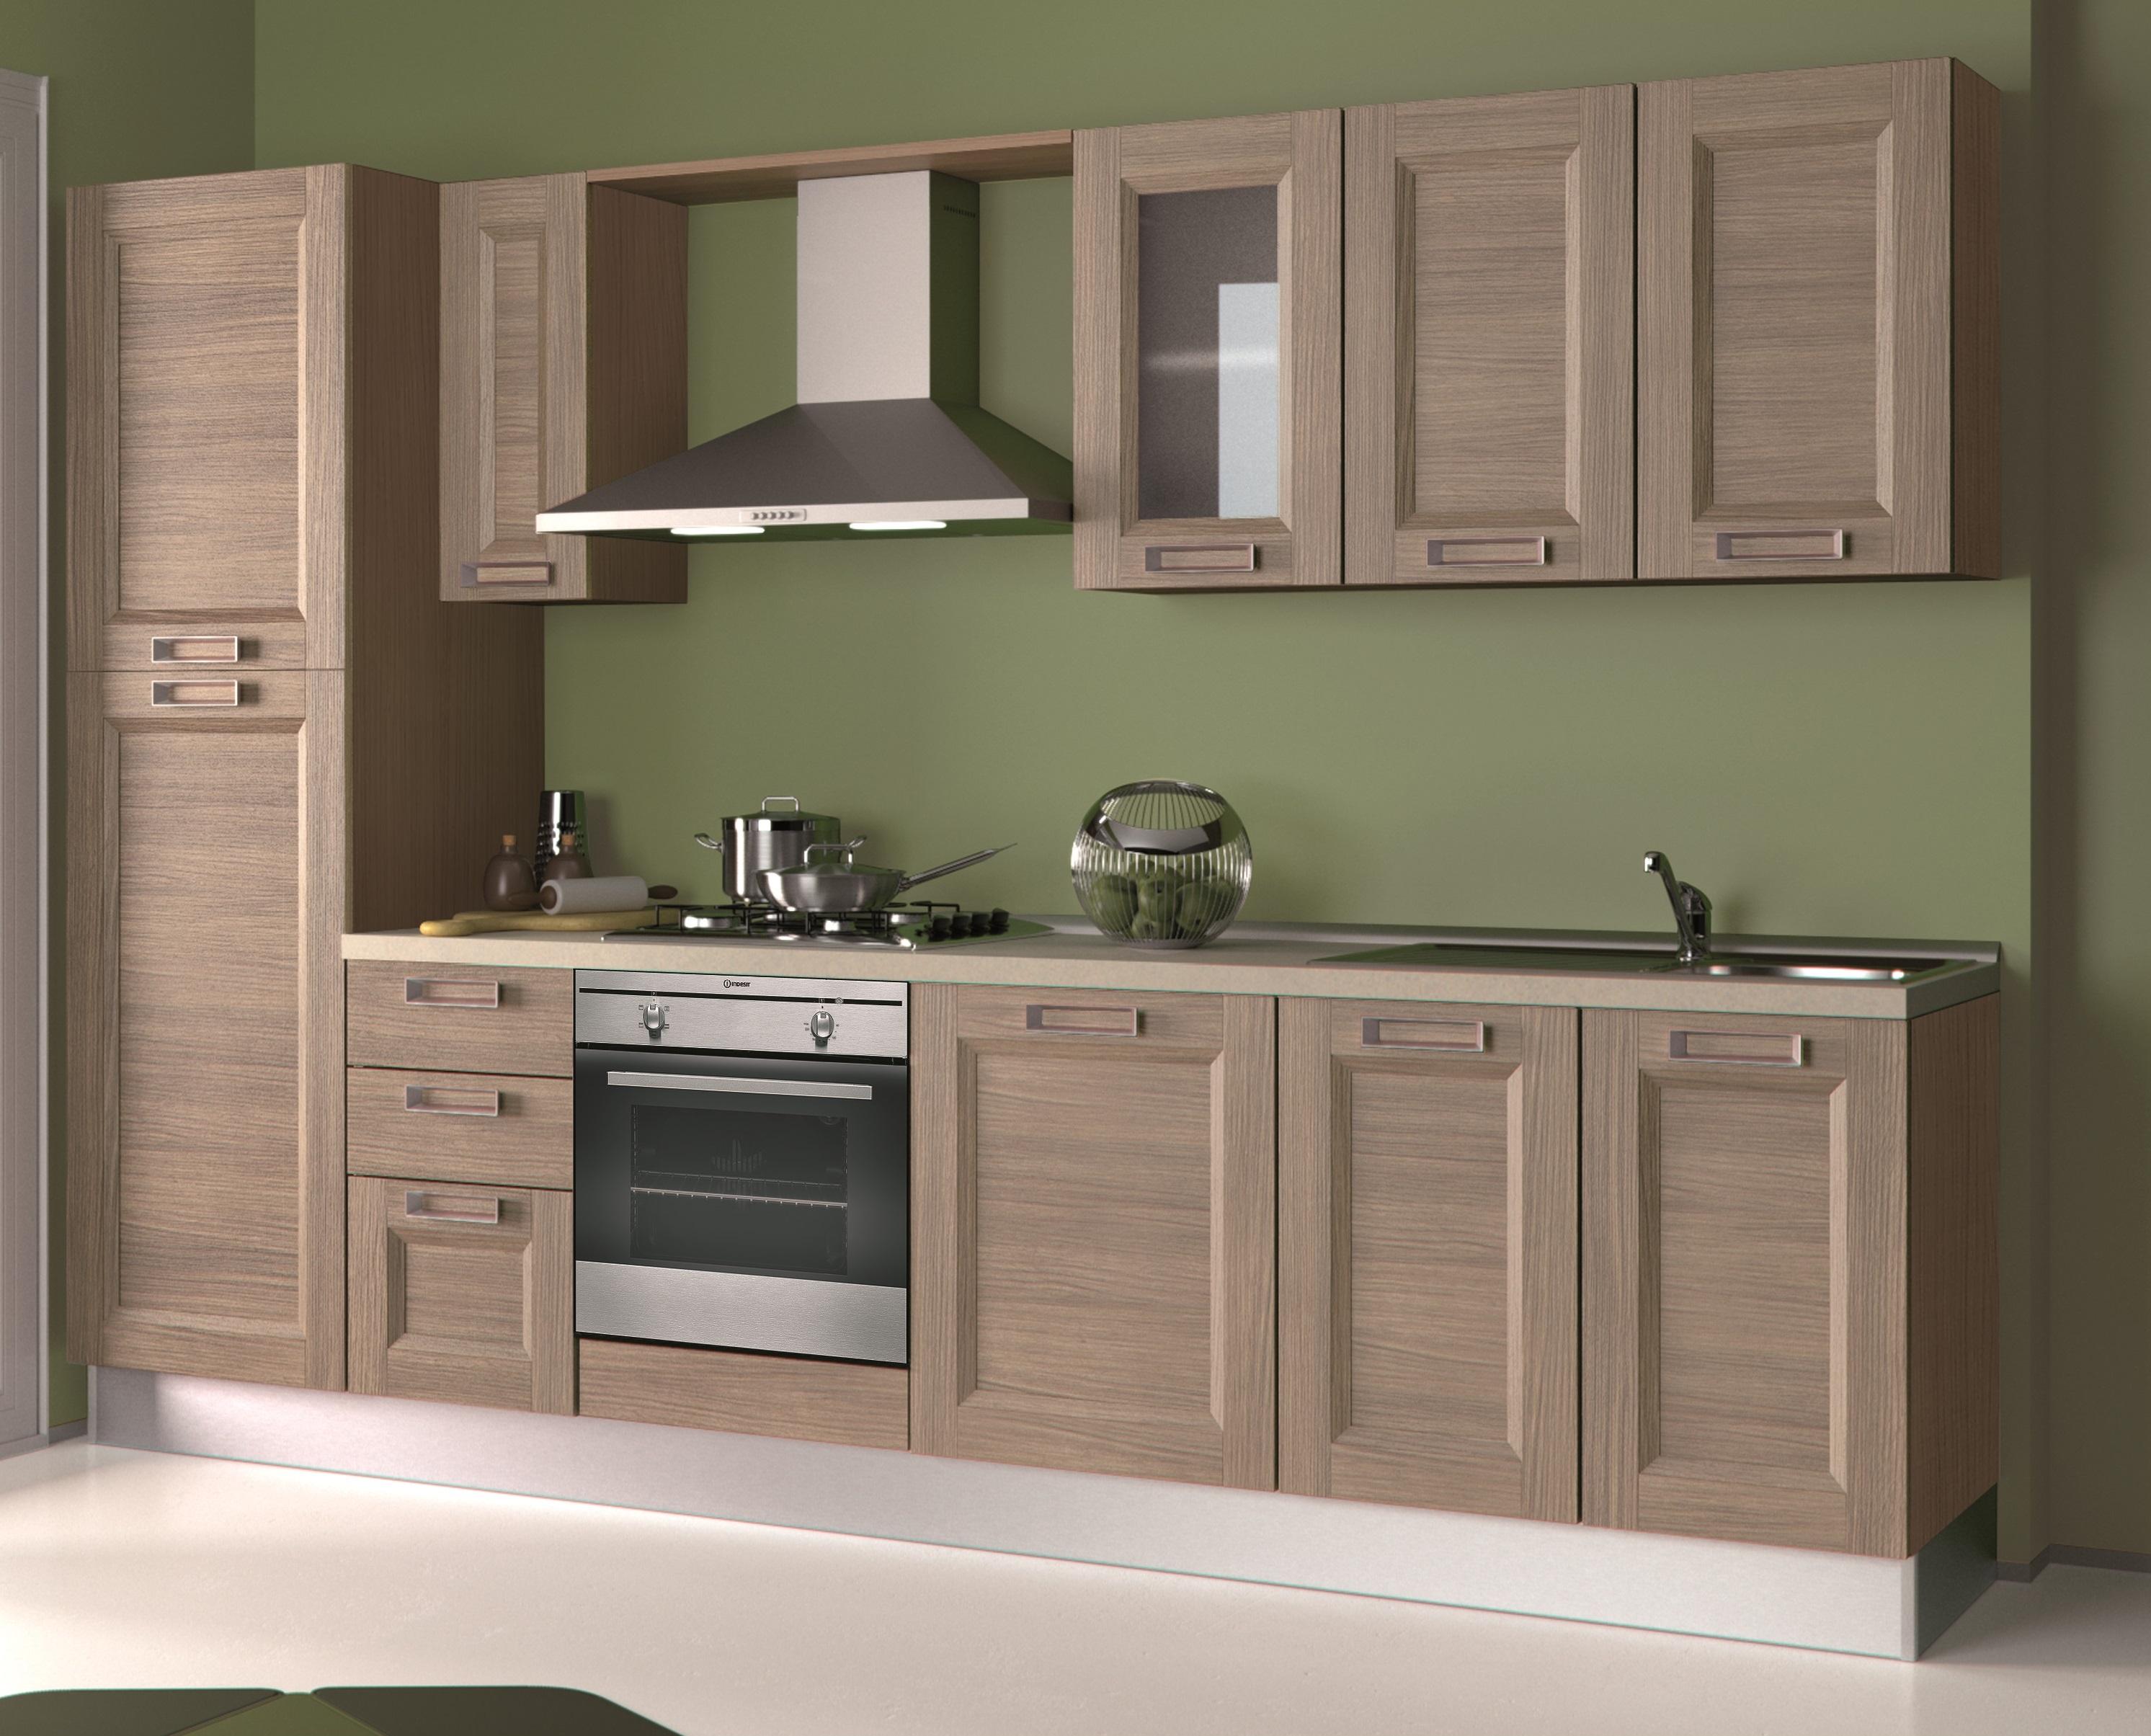 Promo 115 arredamenti centro cucine battistelli eric for Discount arredamenti